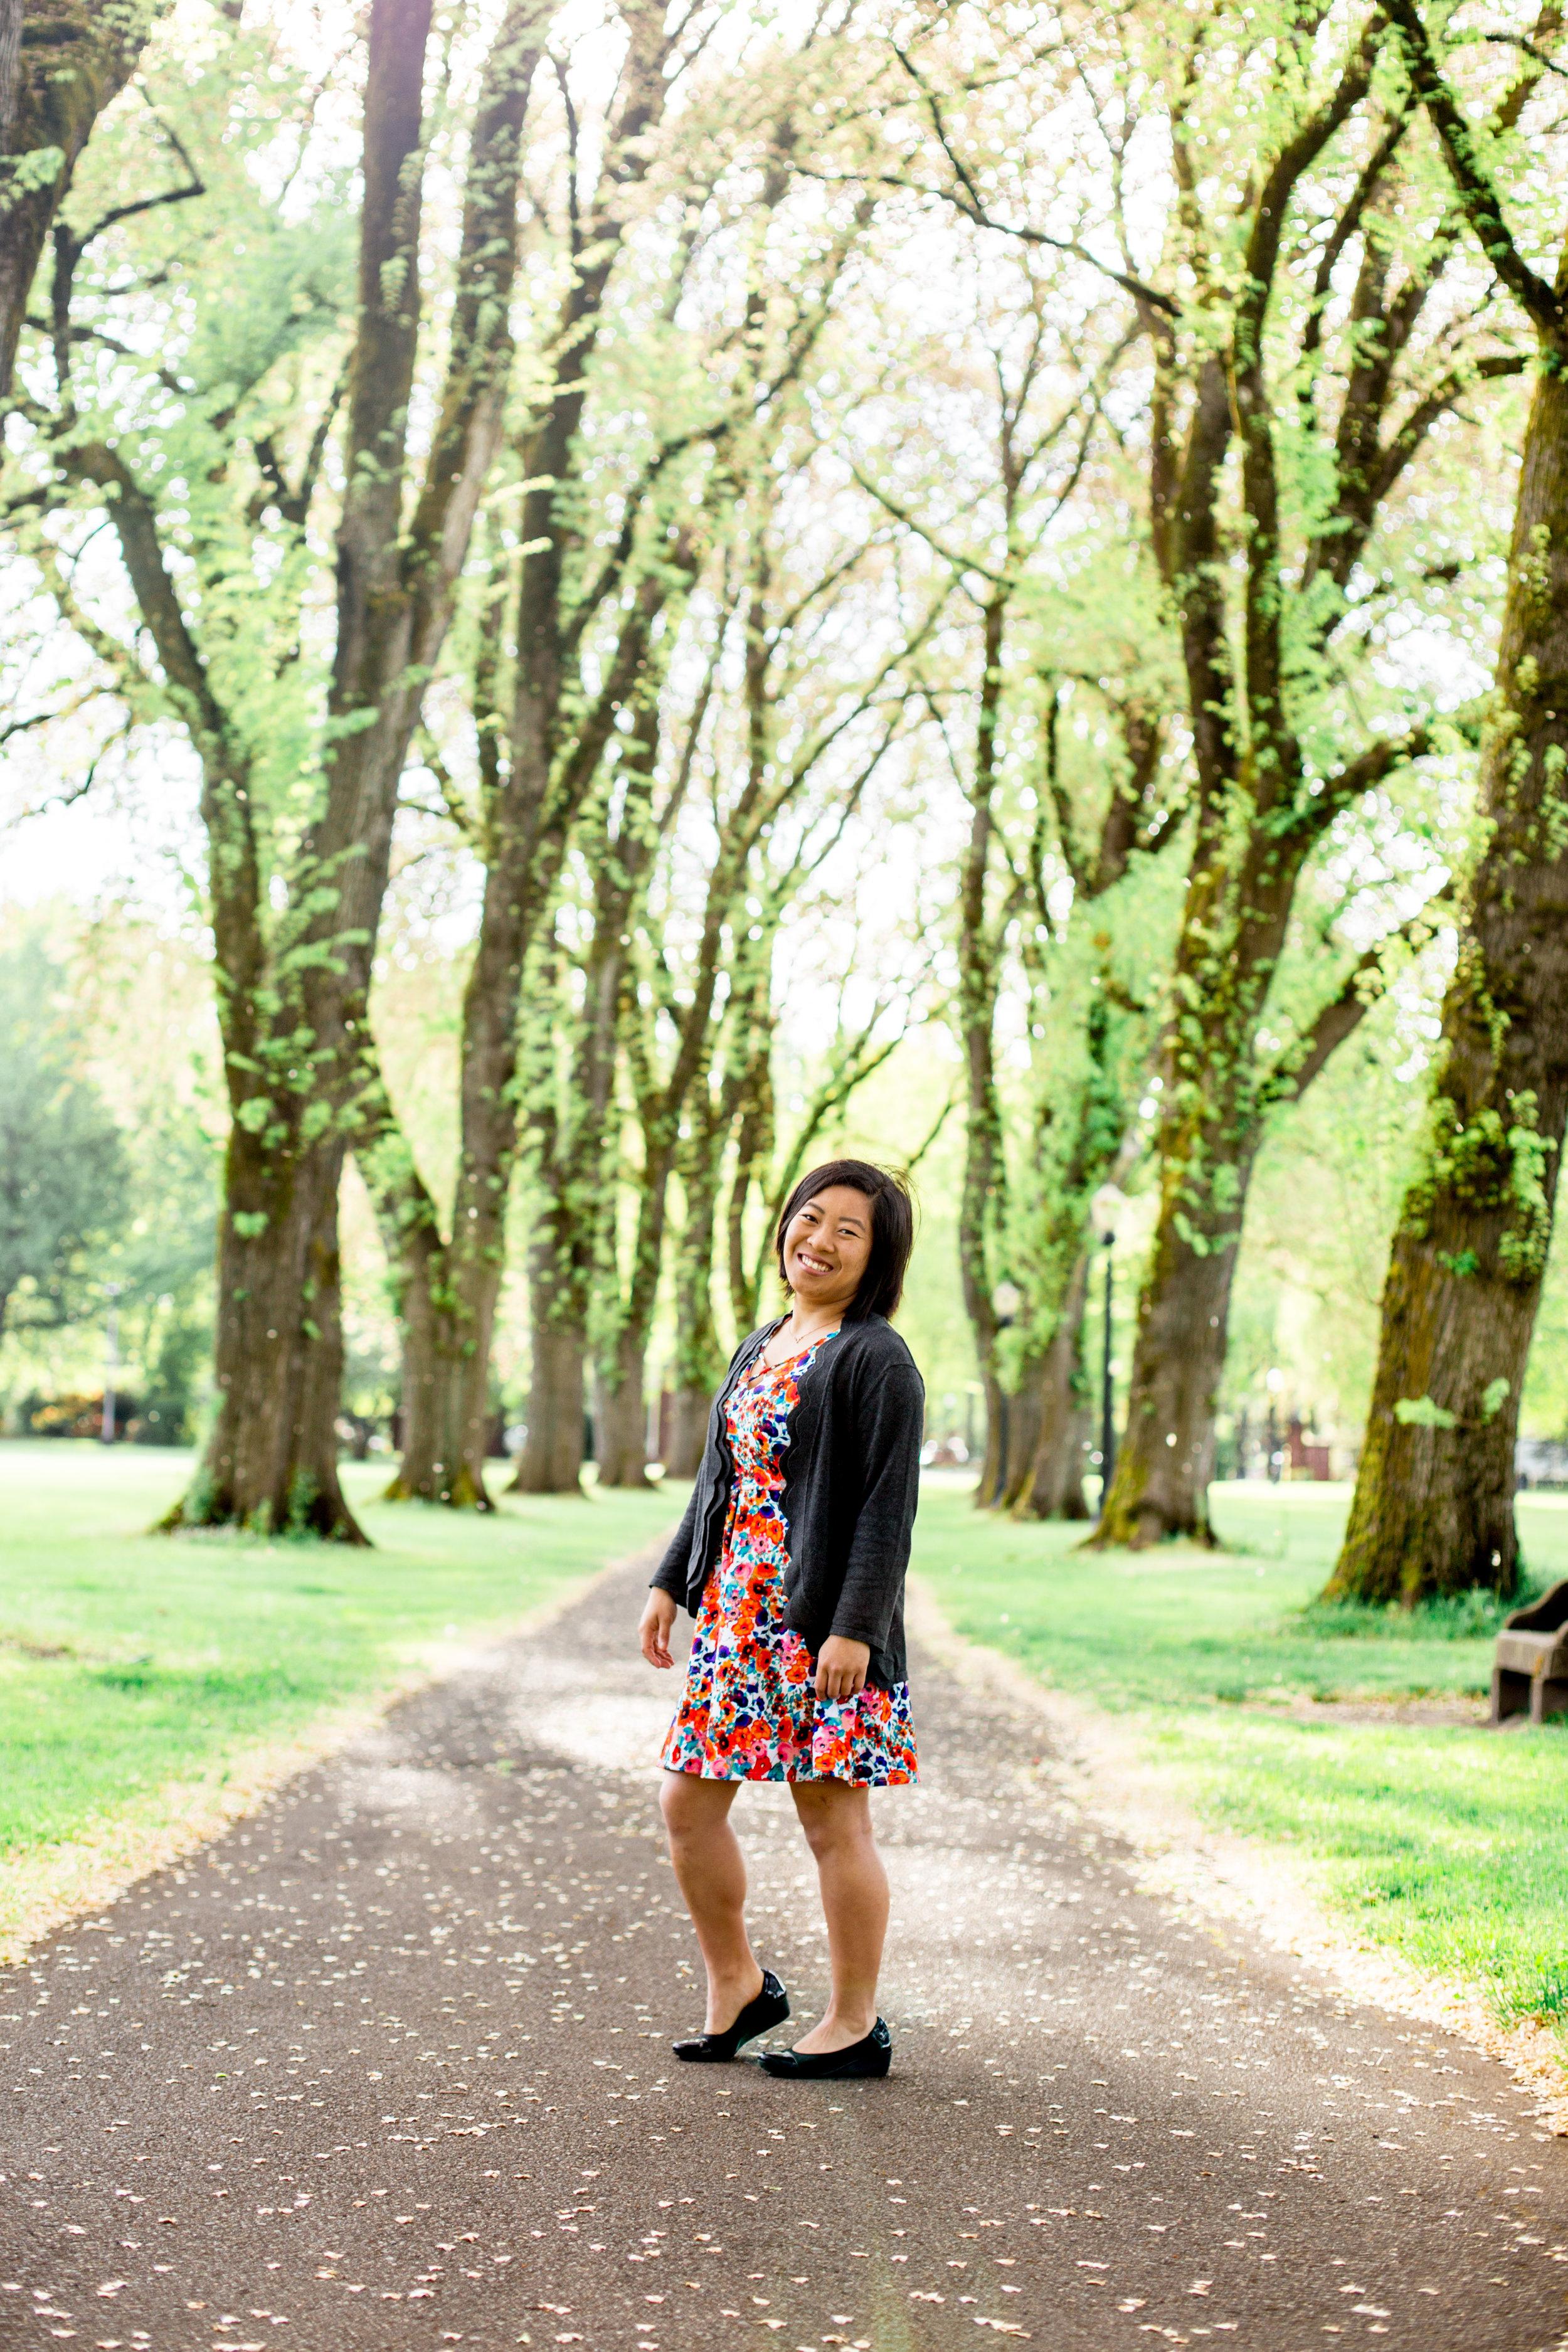 SeniorPhotos-Rachel-2.jpg